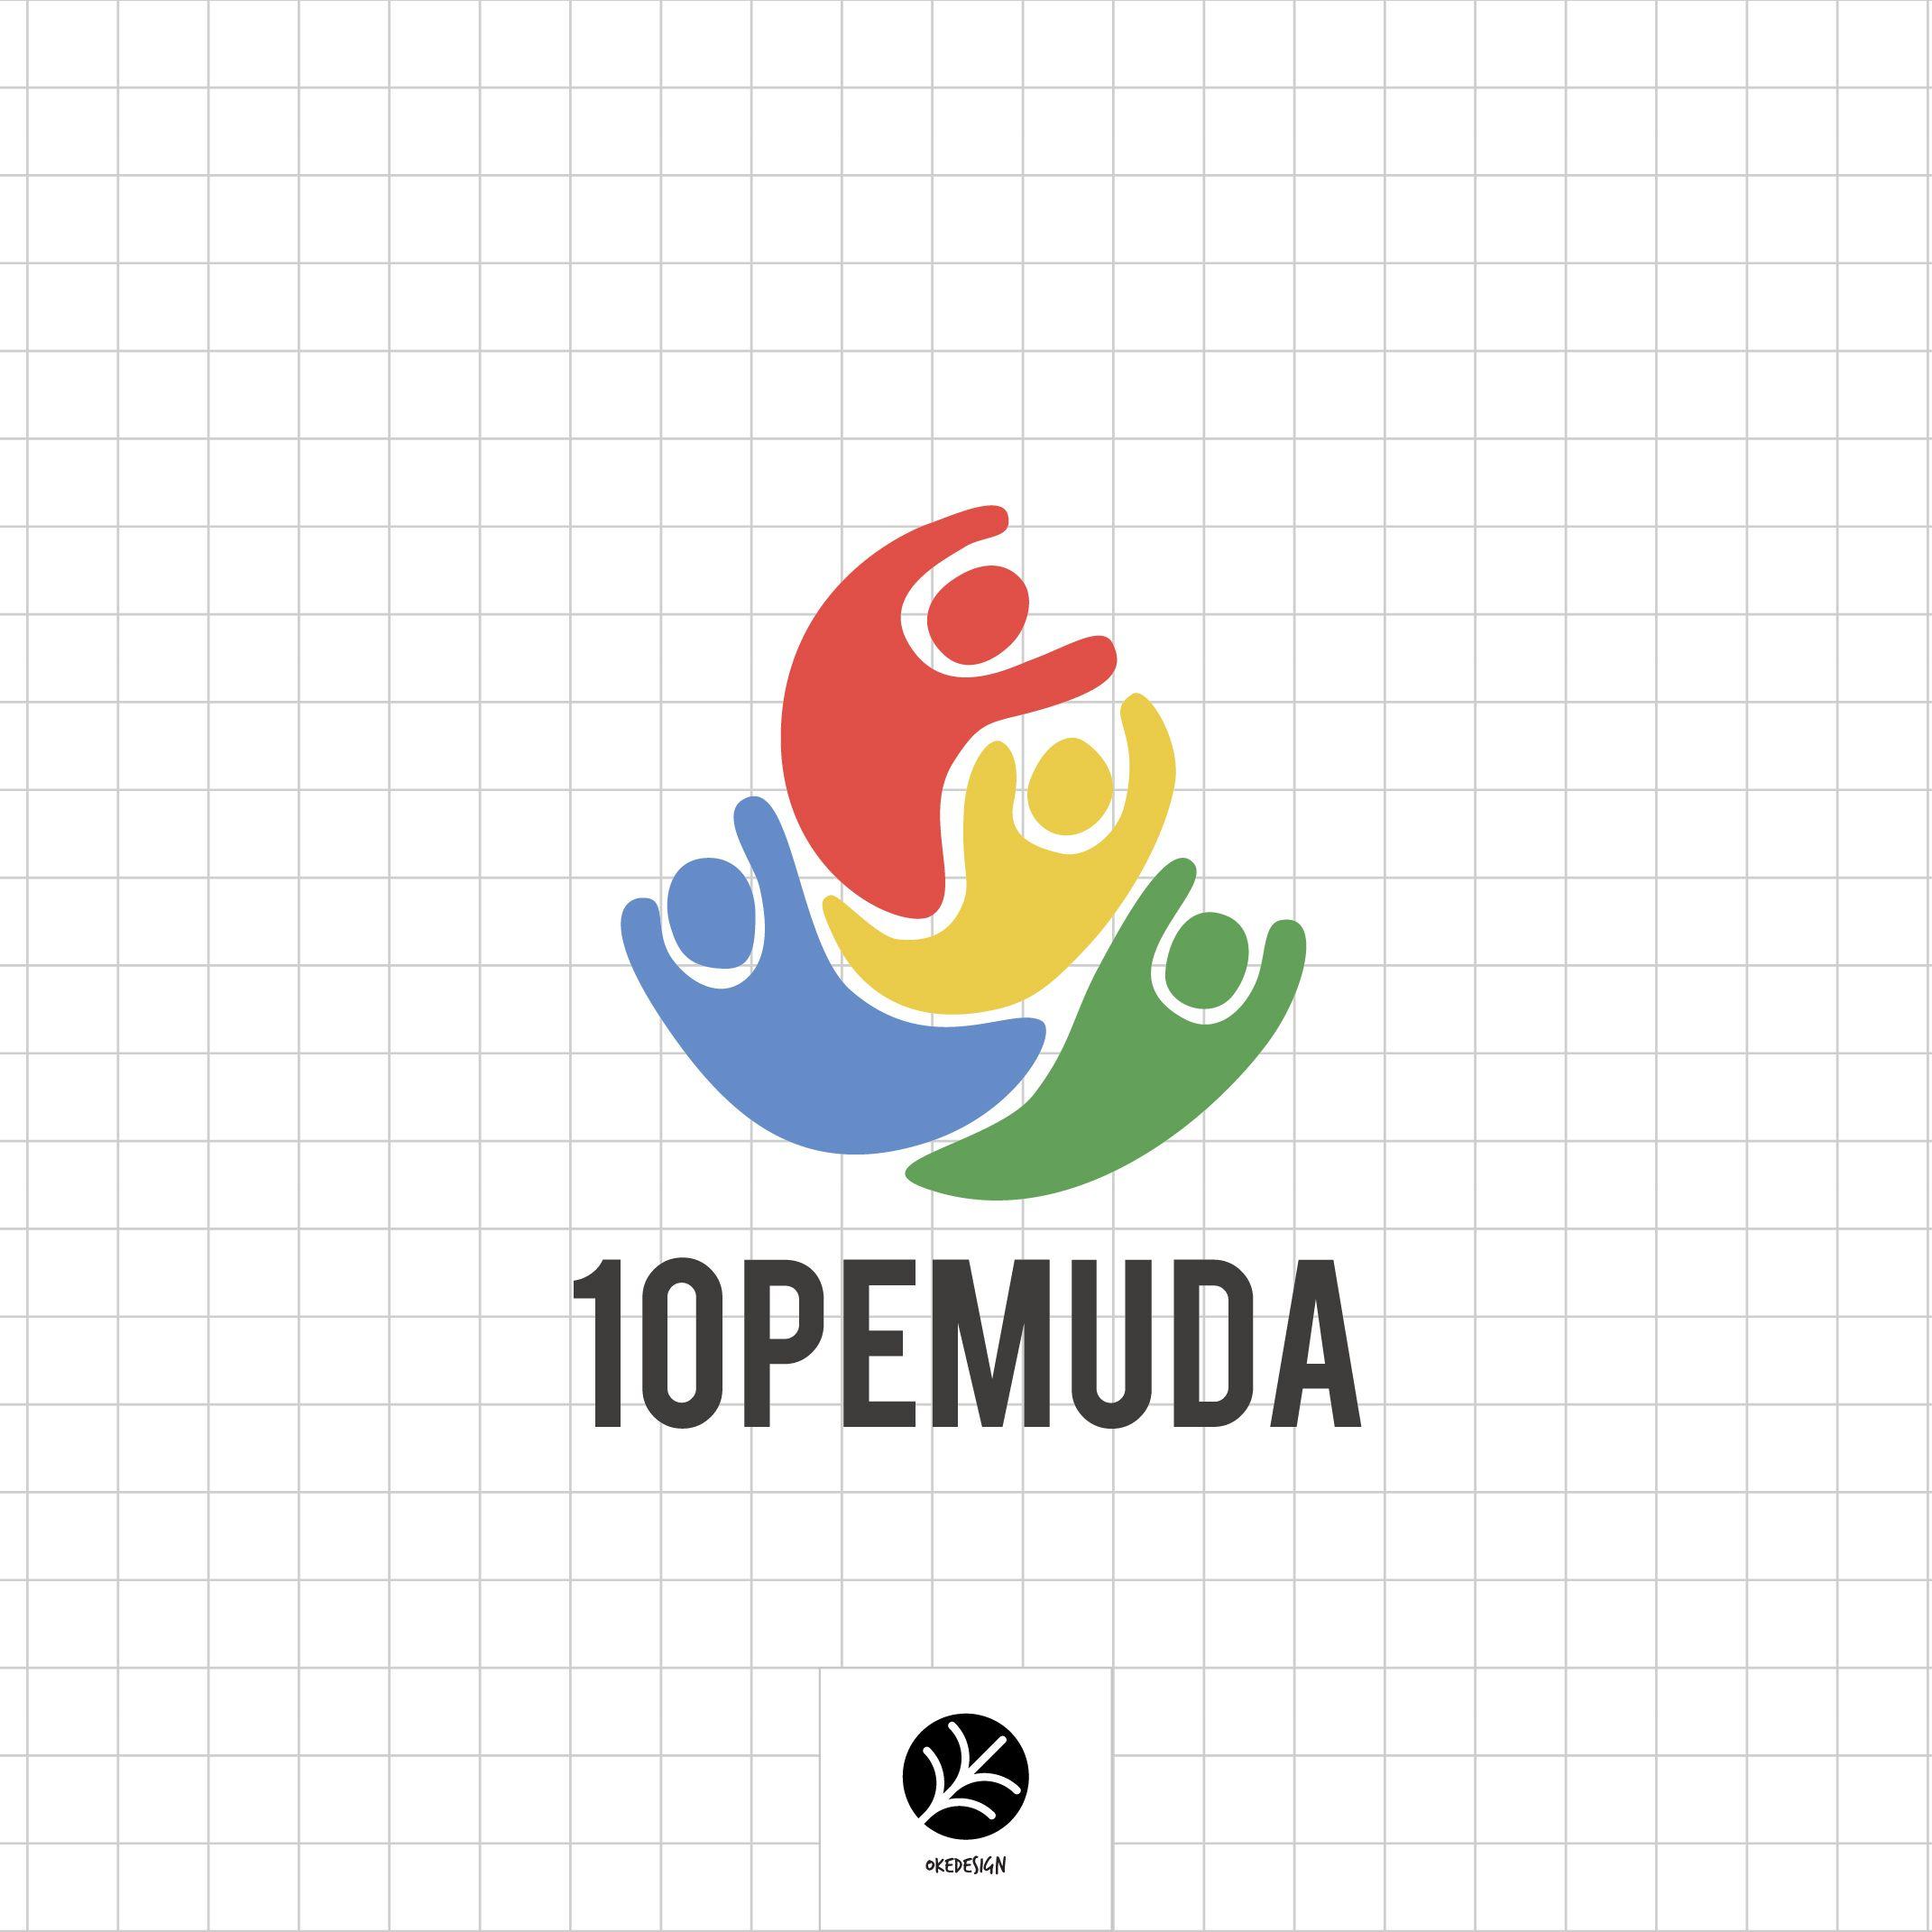 Logo 10pemuda by OkeDesign. 10PEMUDA adalah gerakan untuk